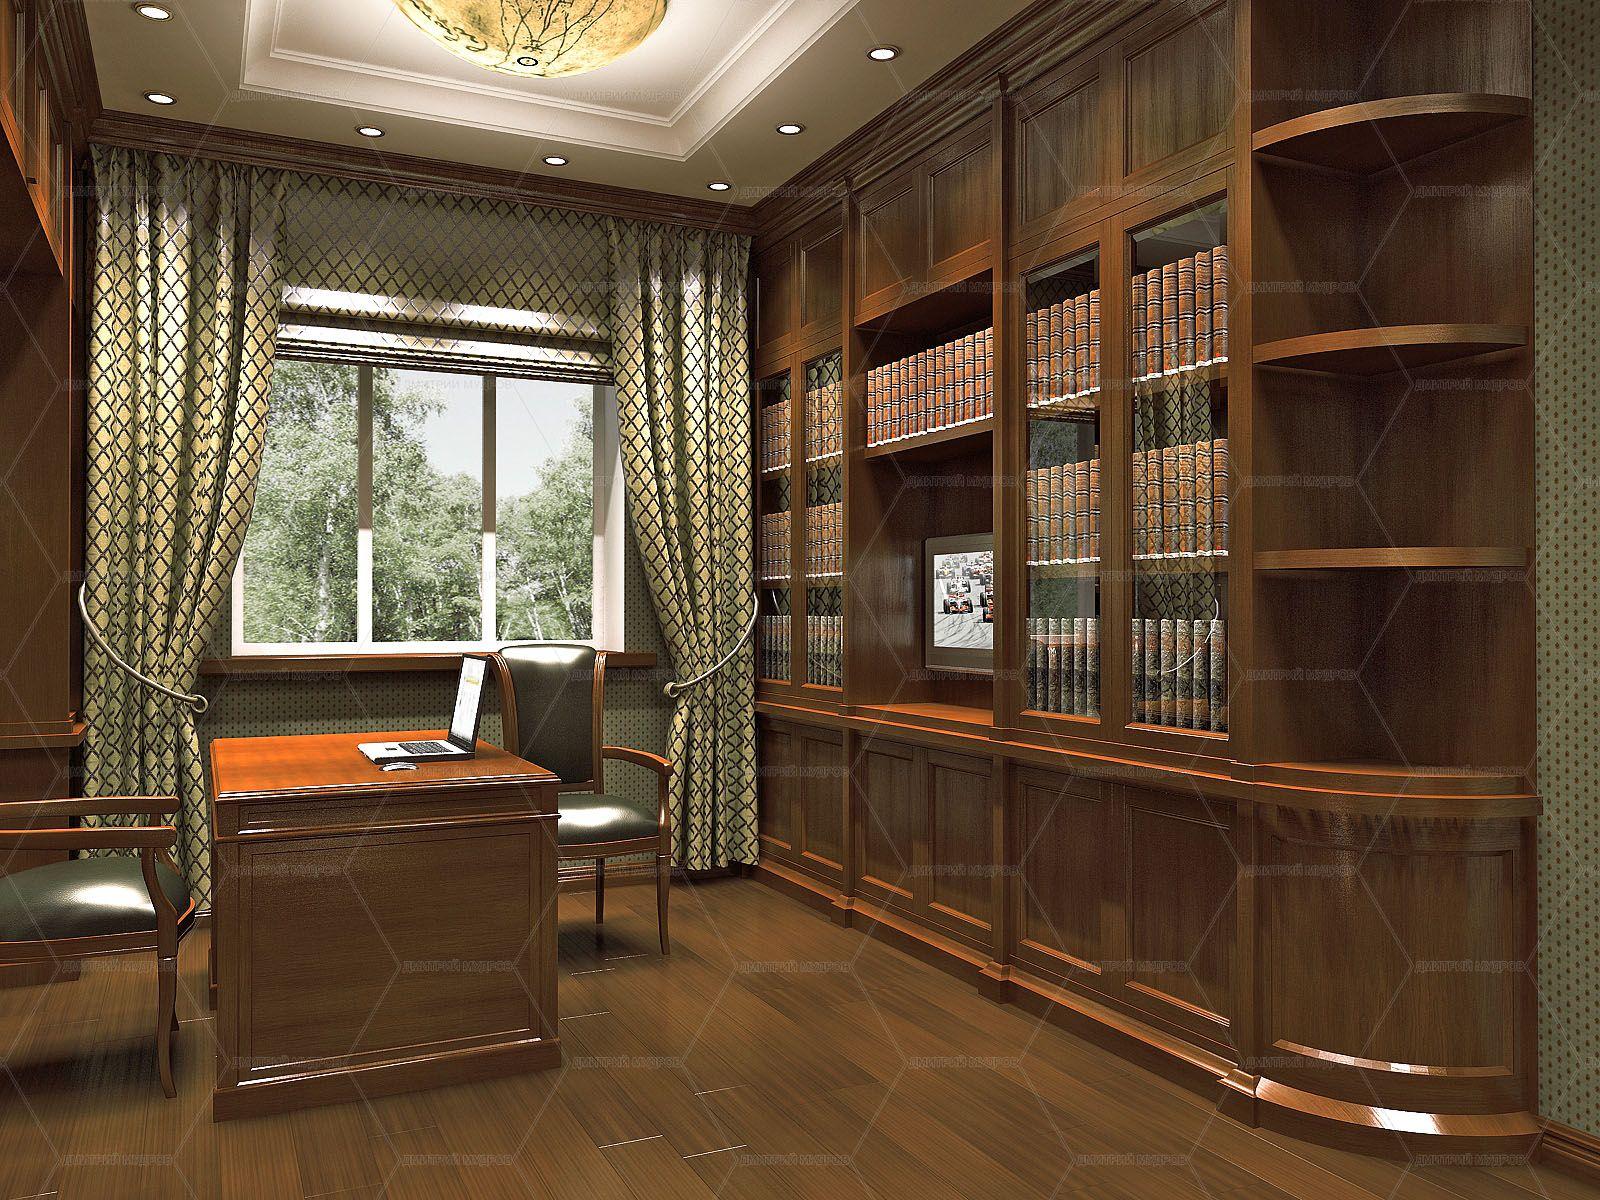 Картинки интерьера кабинета